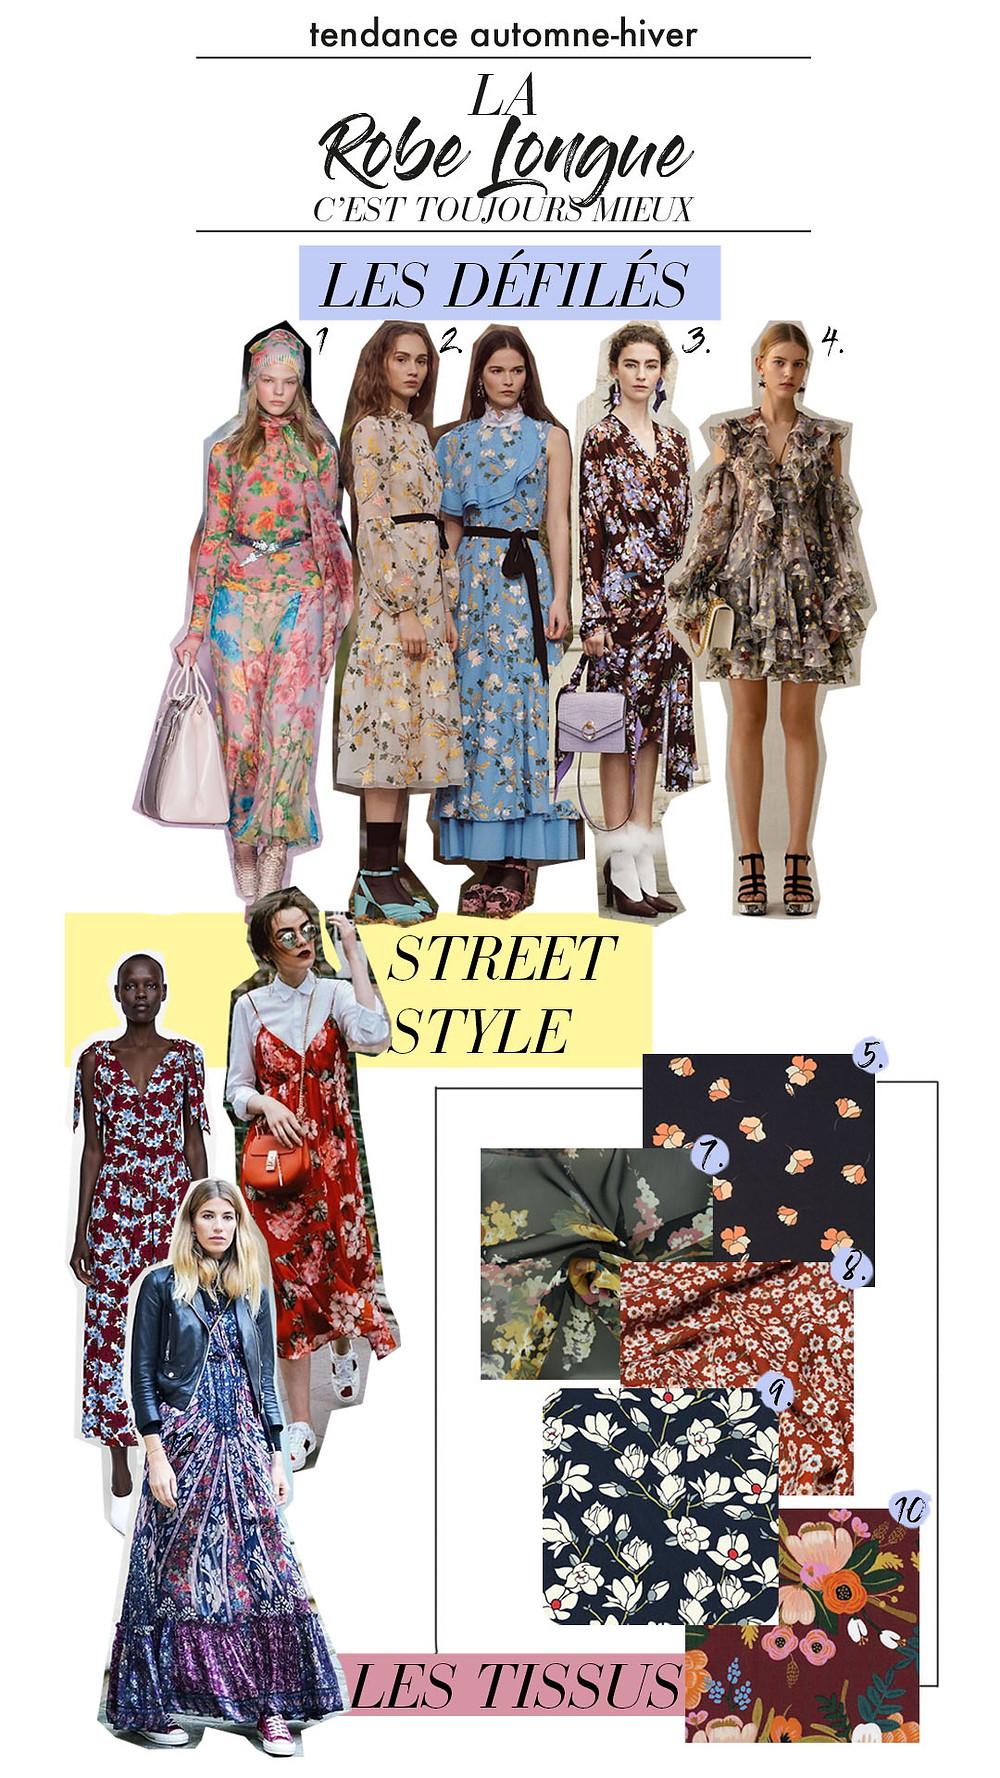 collage avec inspirations des défiles, tissus et autres inspirations